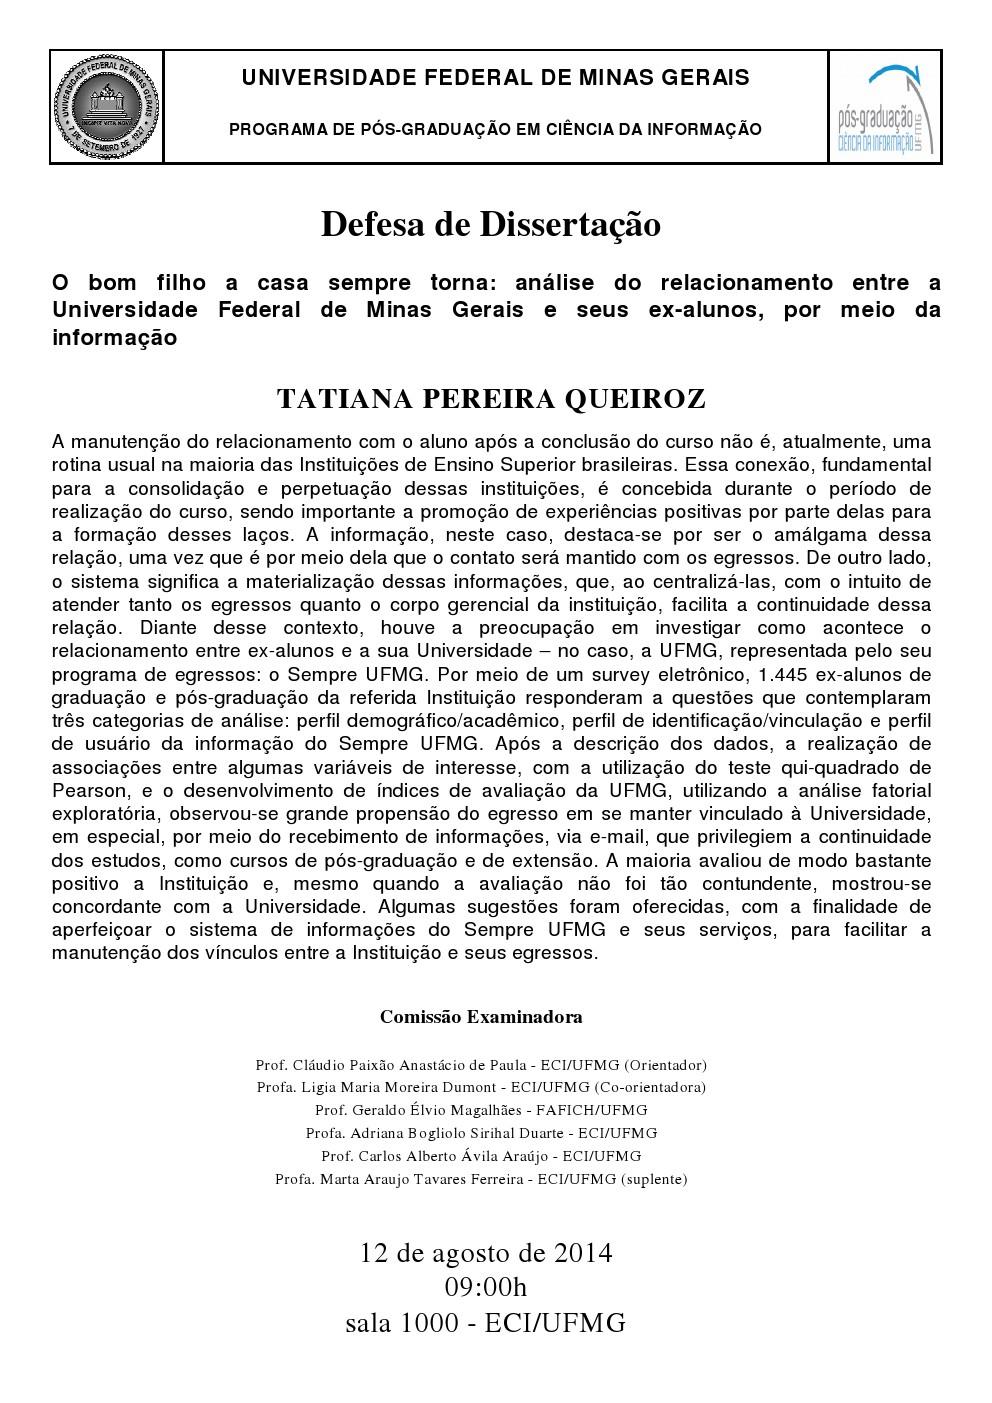 Defesa de Dissertação Tatiana Pereira Queiroz